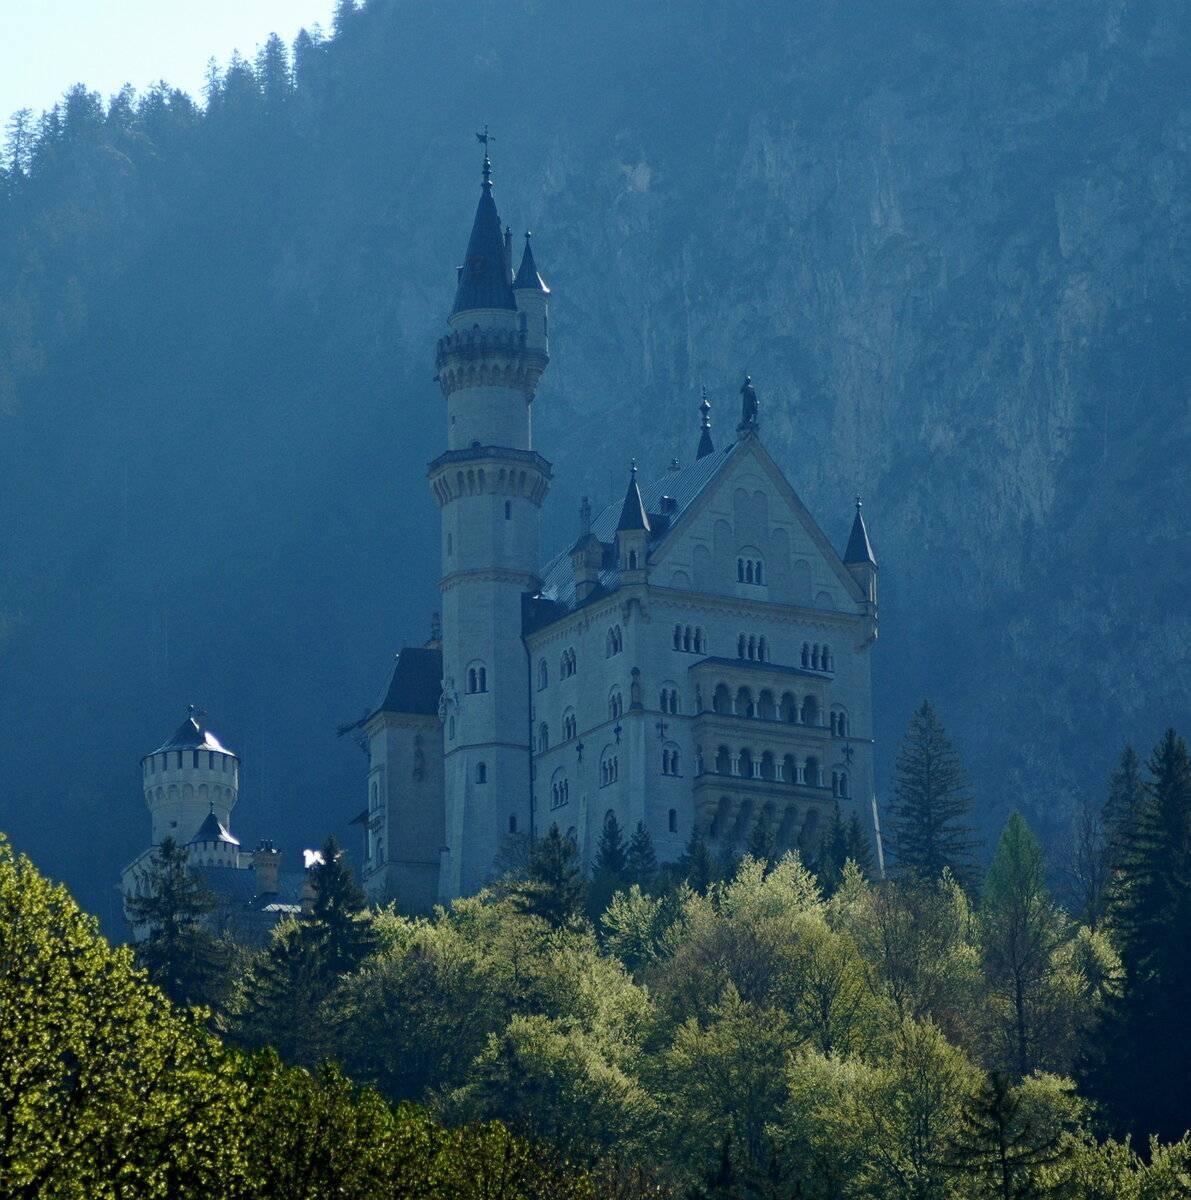 Сказочный замок безумного короля нойшванштайн сказочный замок безумного короля нойшванштайн